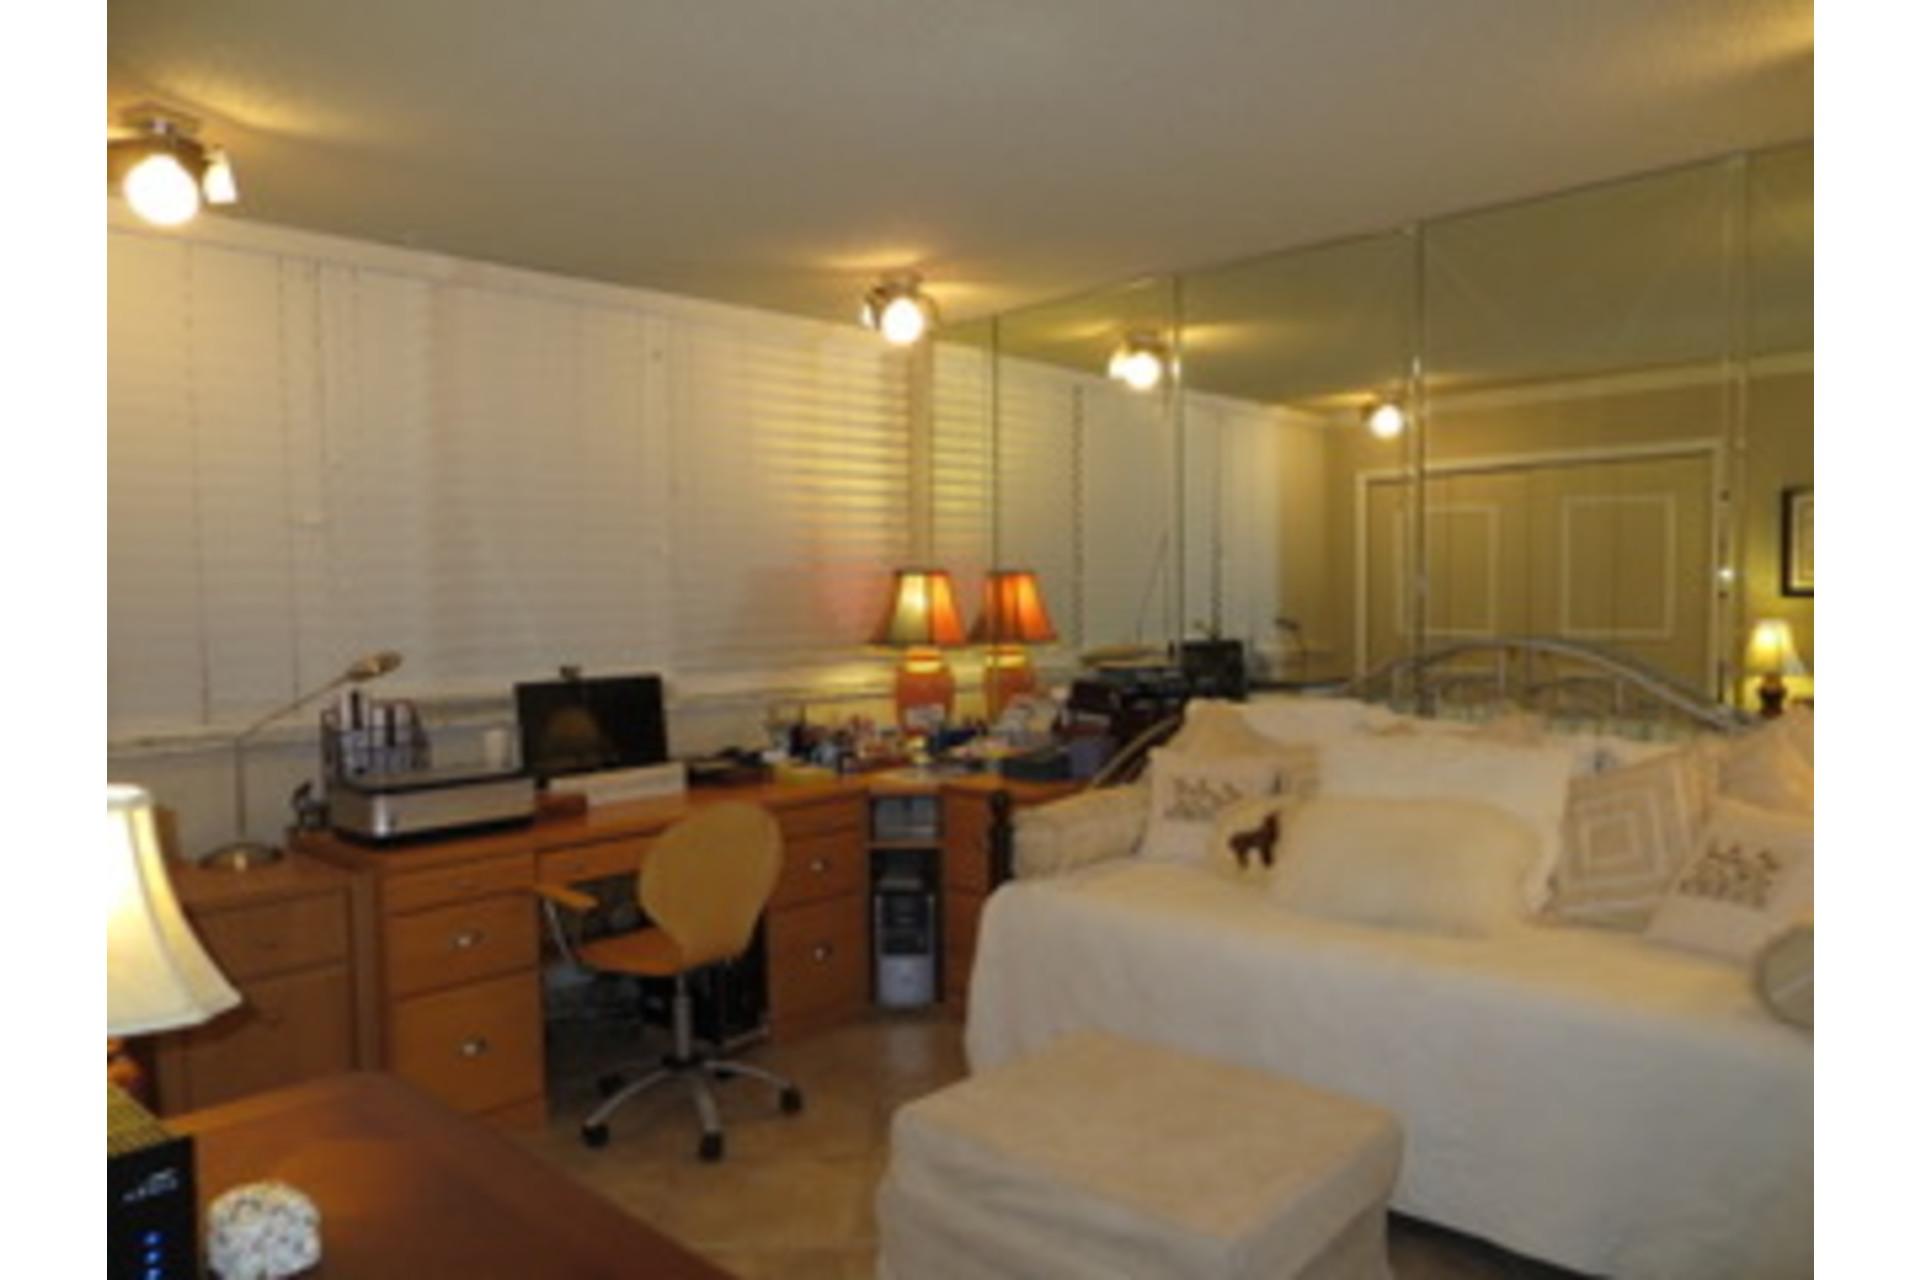 image 19 - Condo Short rental Hallandale Beach - 6 rooms